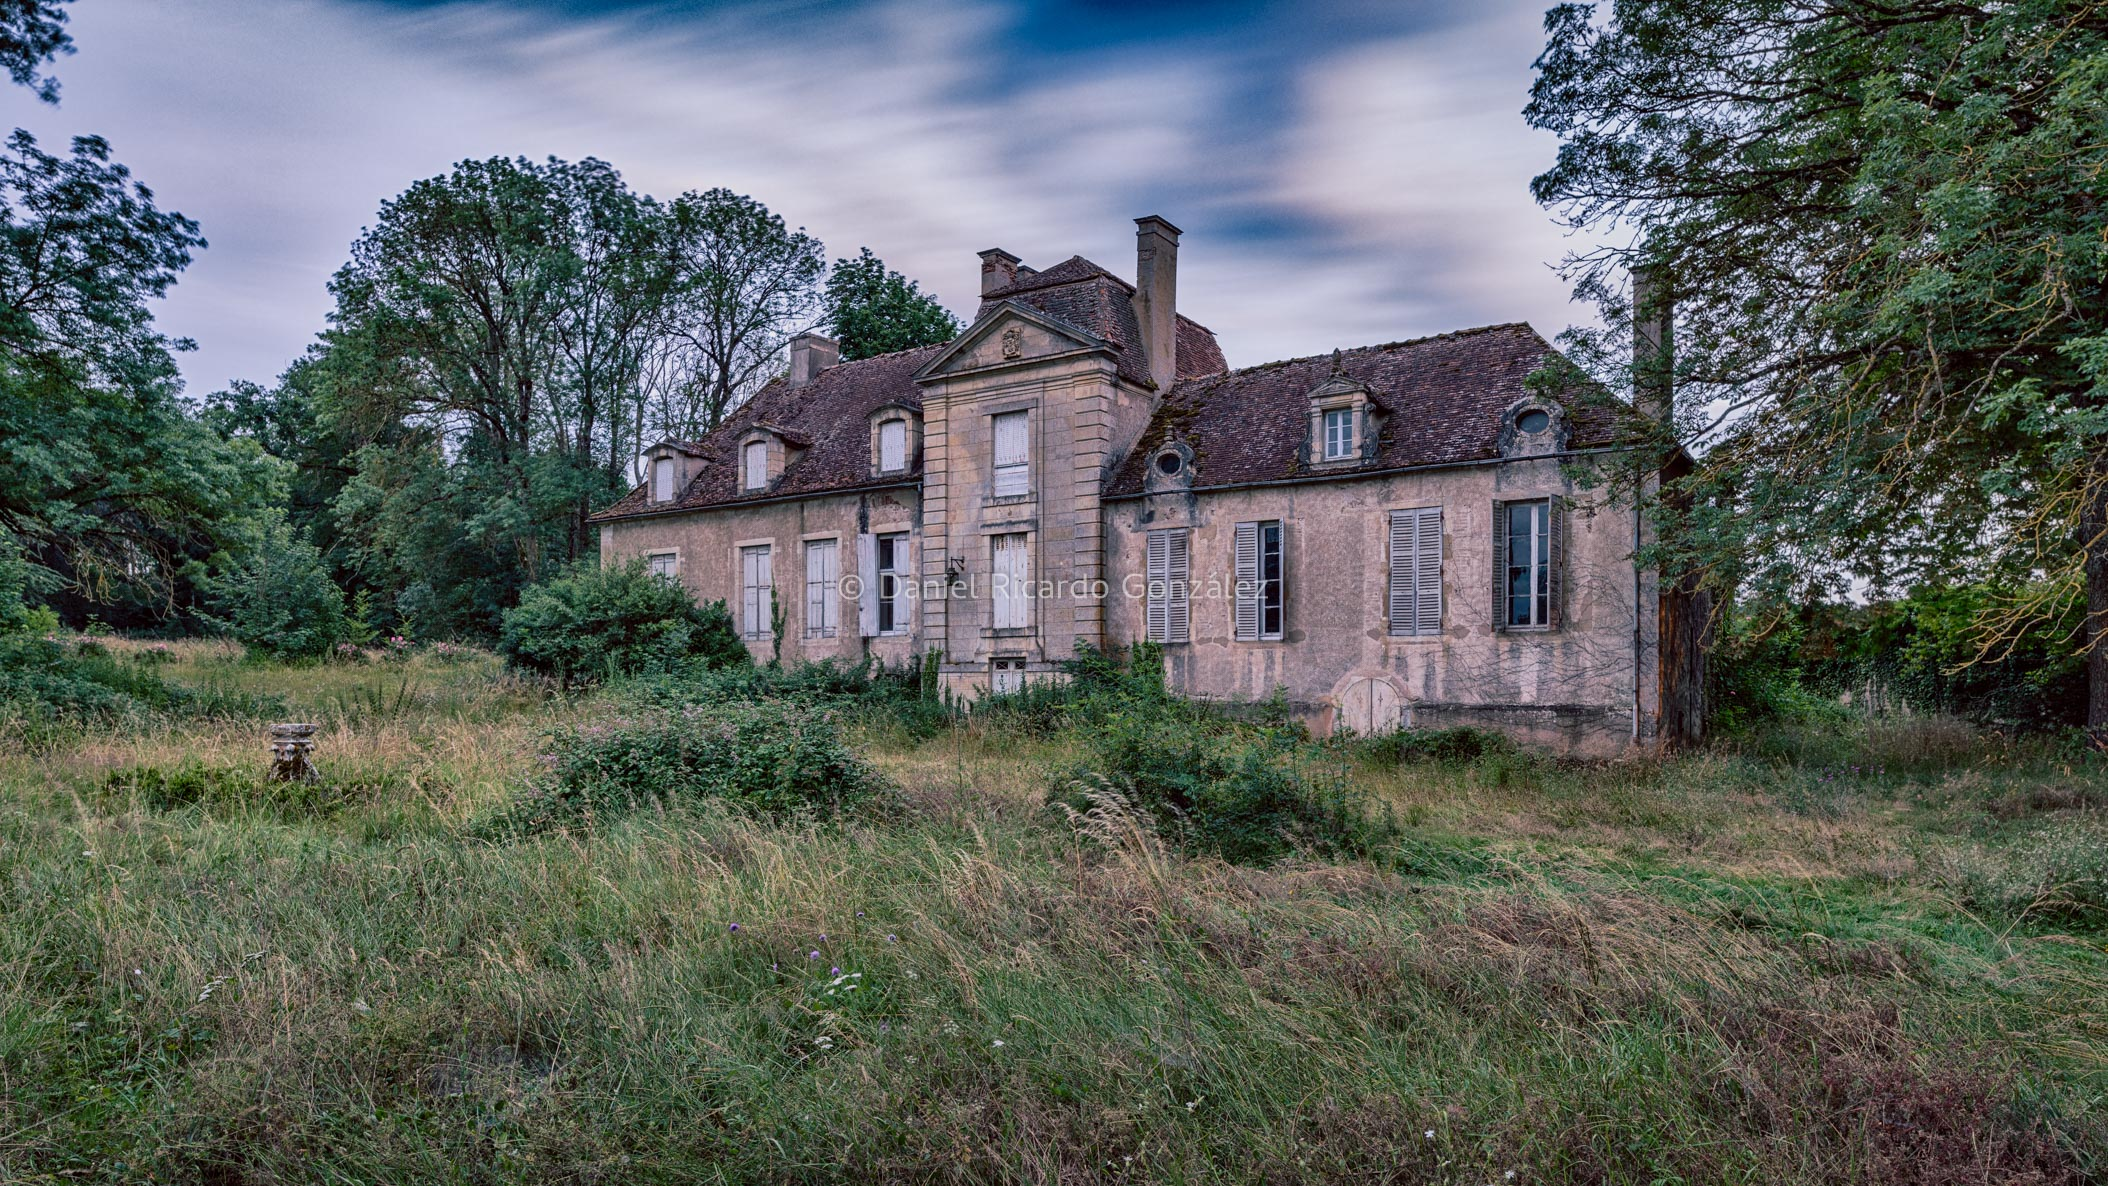 Außenansicht eines verlassenen Schlosses in Frankreich. Exterior view of a abandoned château in France.